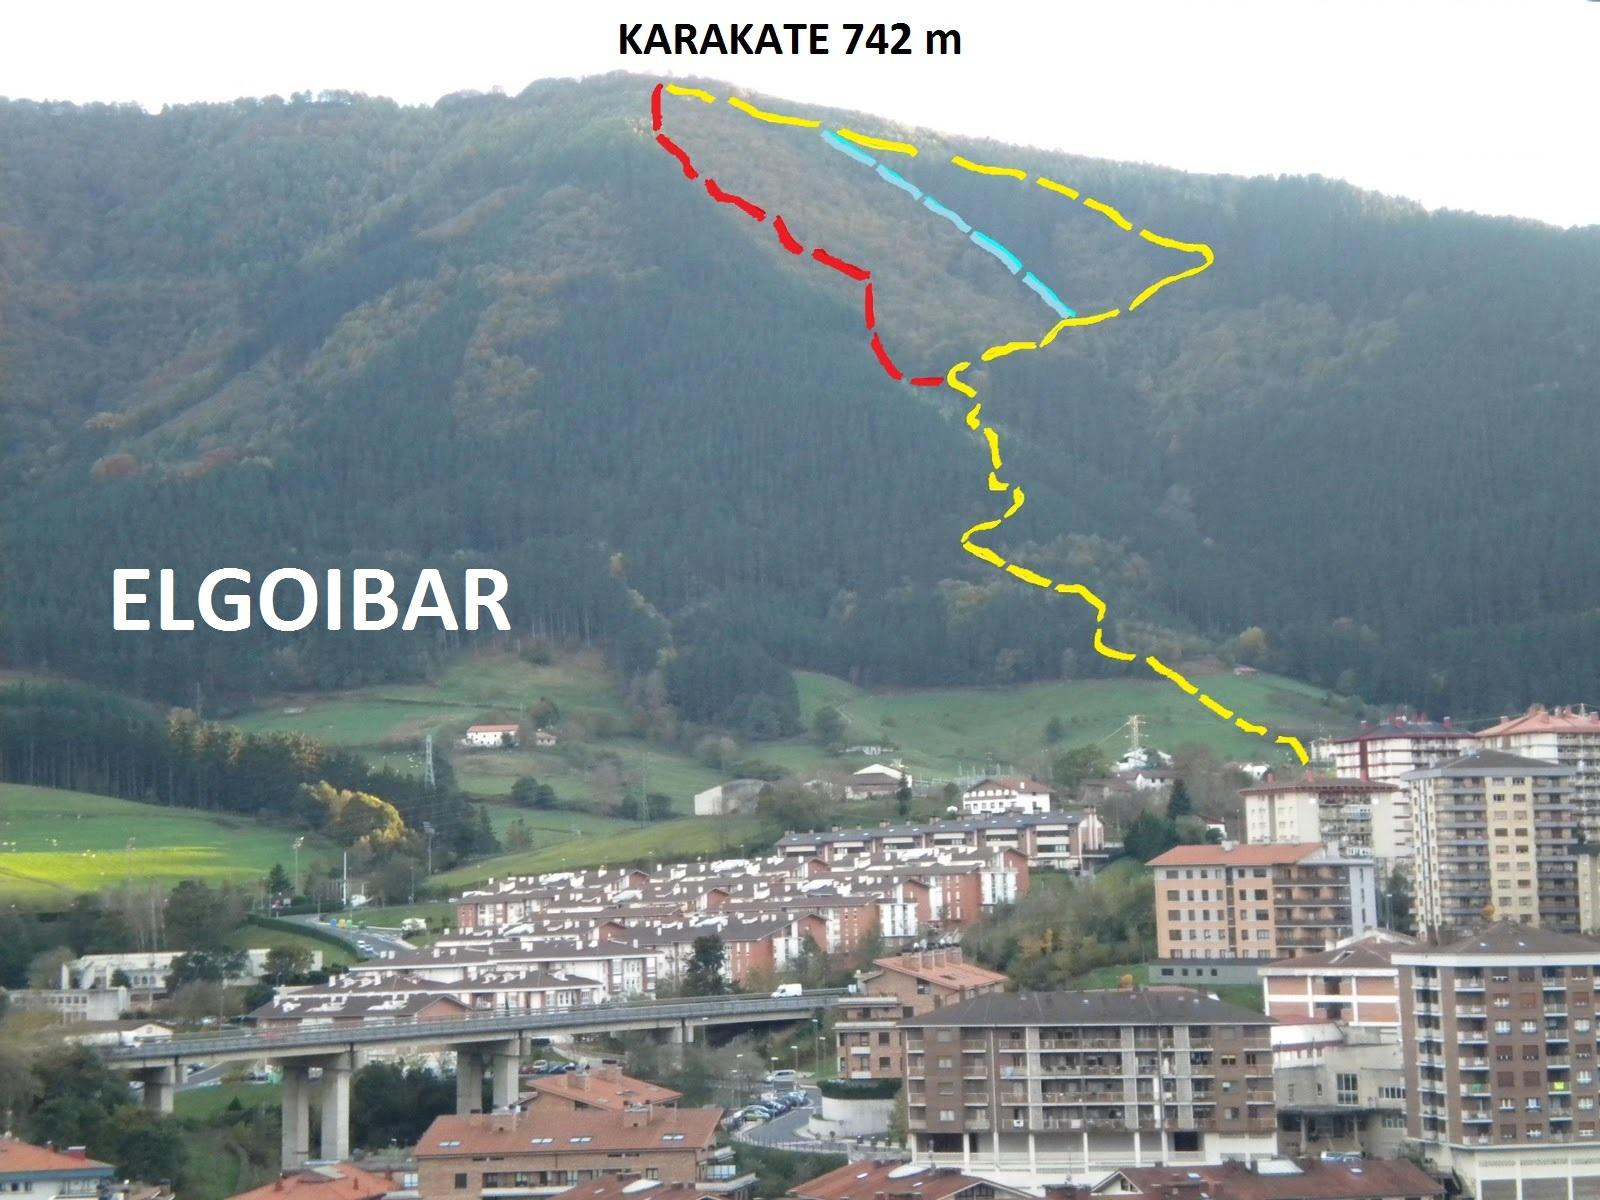 Karakateko XXIV. igoera: 4 km / 700 mD+